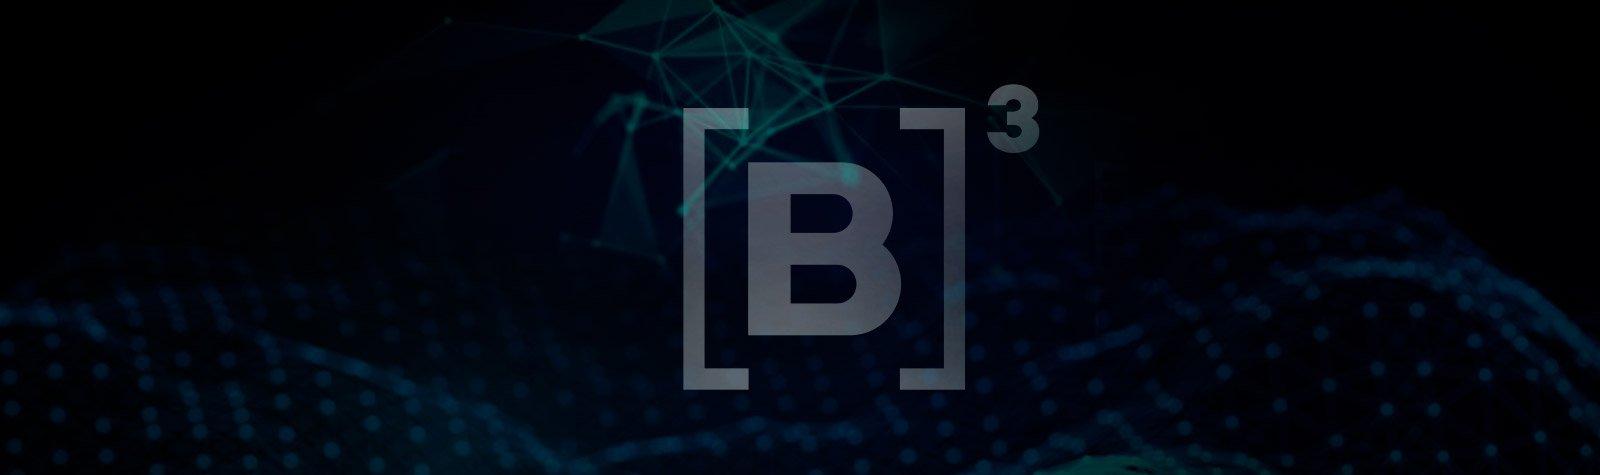 Nextcode fornece tecnologia de proteção de dados para a B3